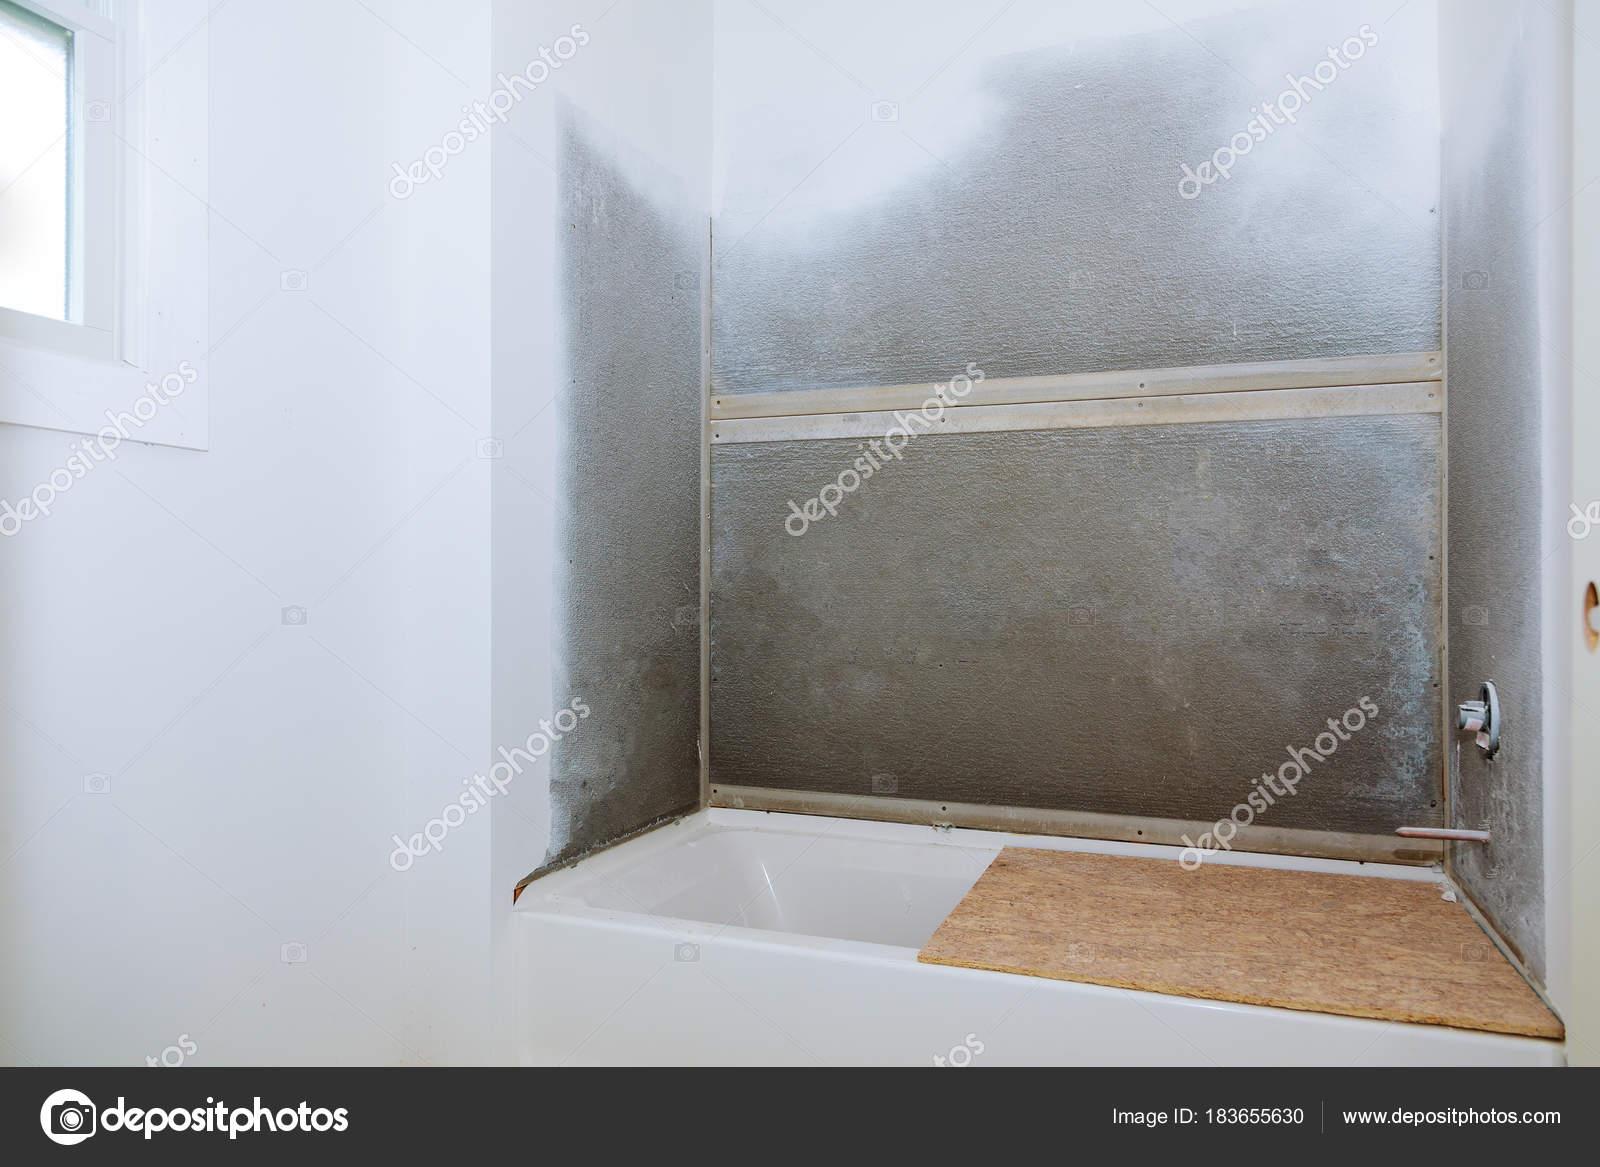 Badezimmer Installation, aufbau: umbau einer bad-installation — stockfoto © photovs #183655630, Design ideen